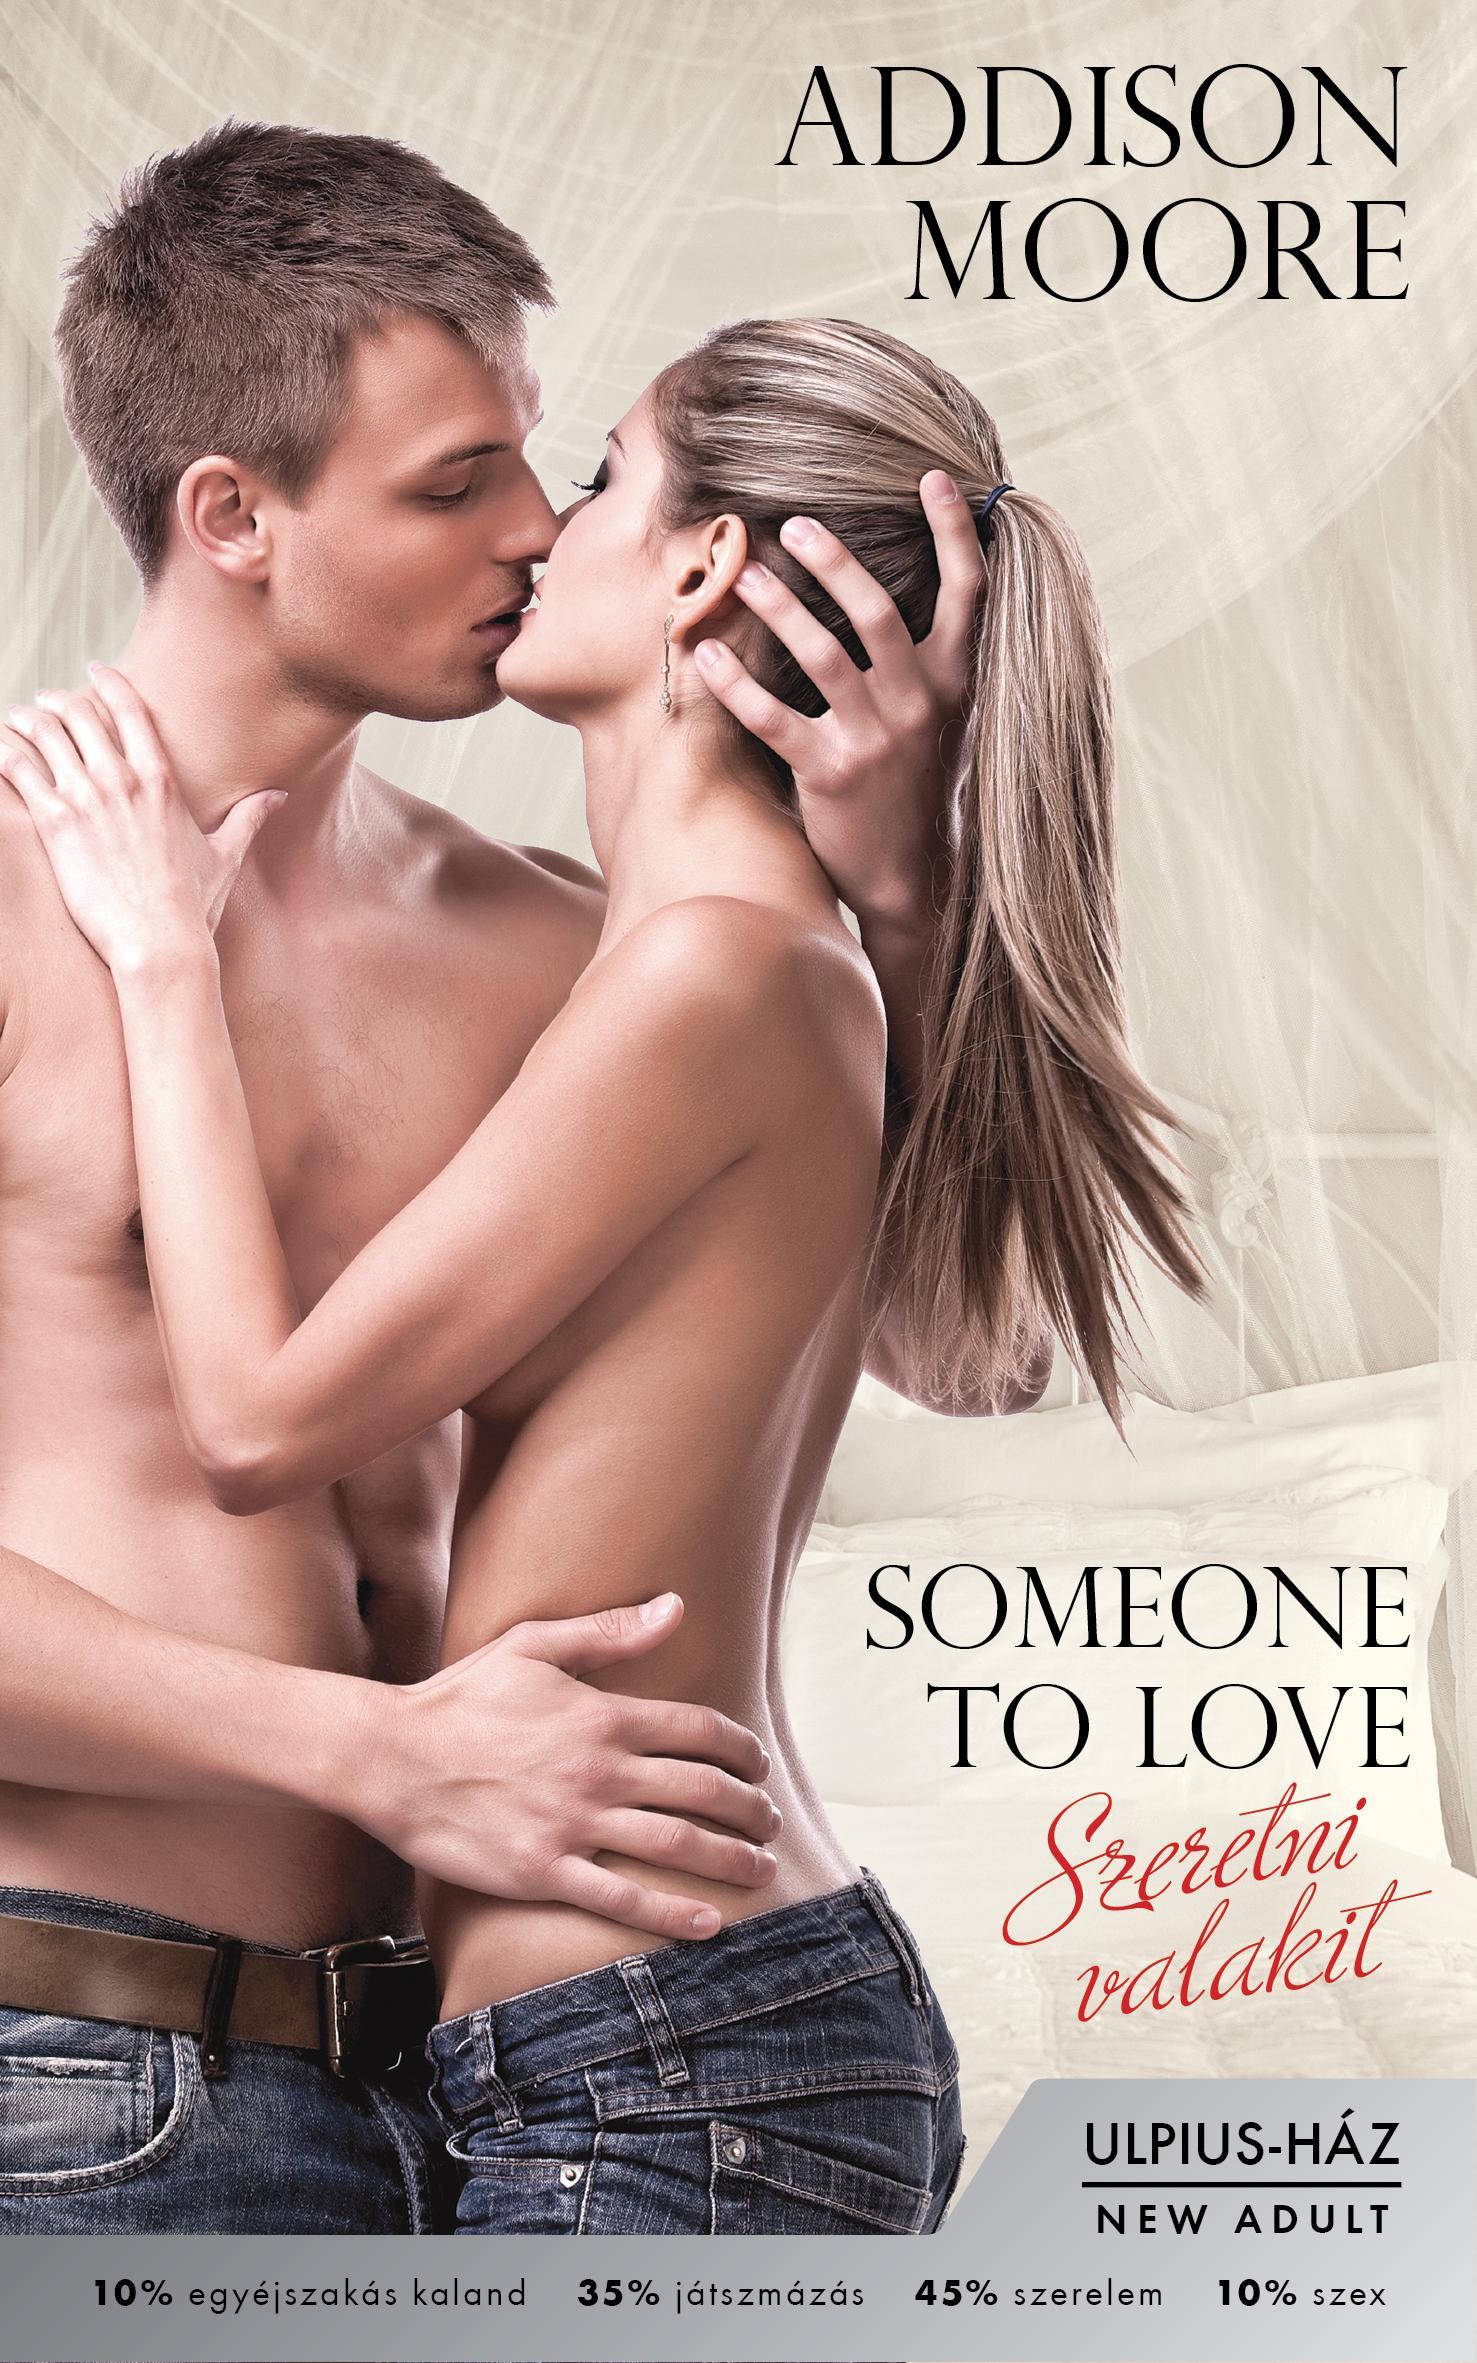 SZERETNI VALAKIT - SOMEONE TO LOVE